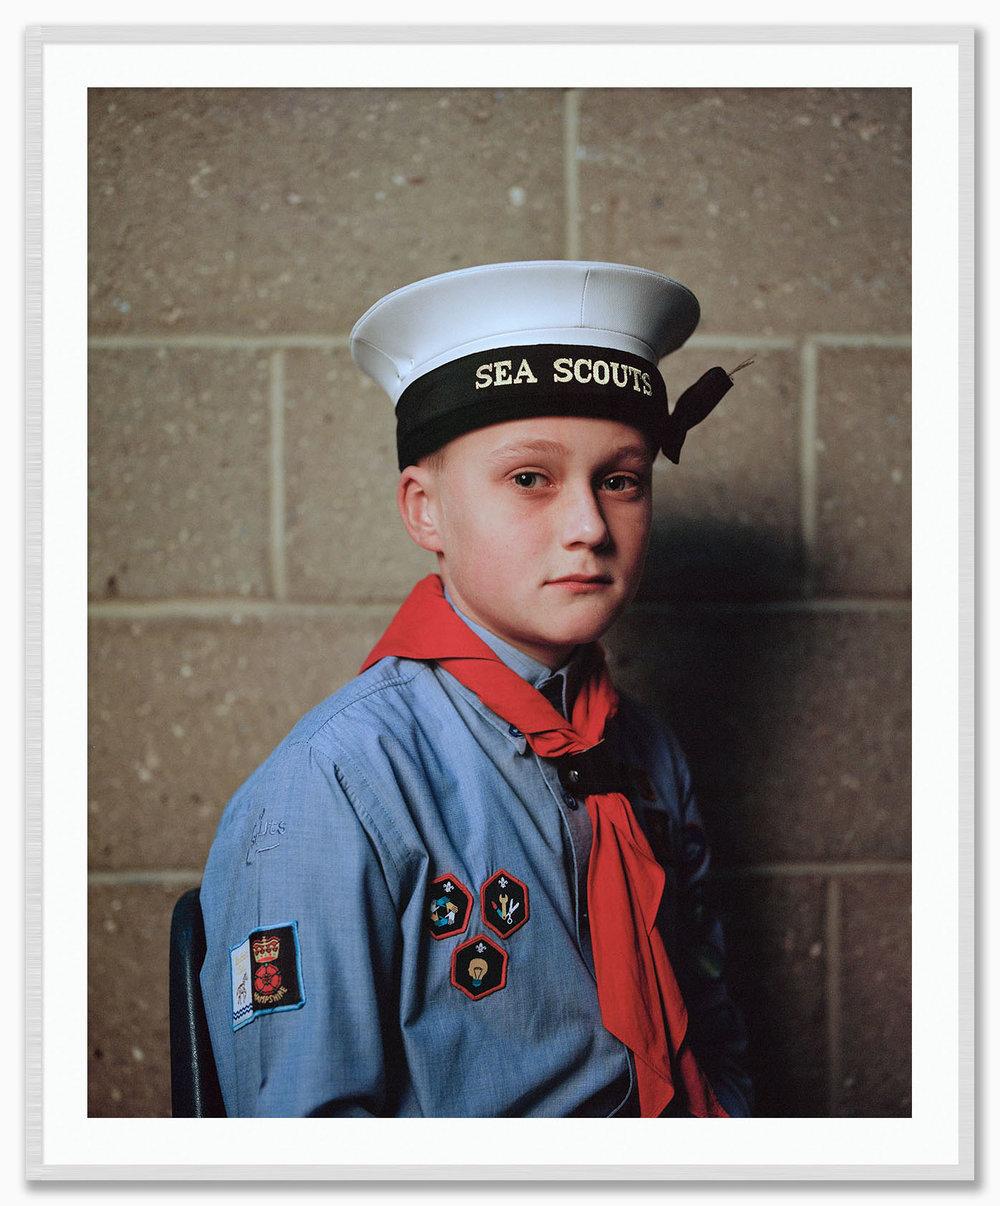 Untitled II. Sea Scout. England. Izzy de Wattripont _Mat_FrostedSilver.jpg